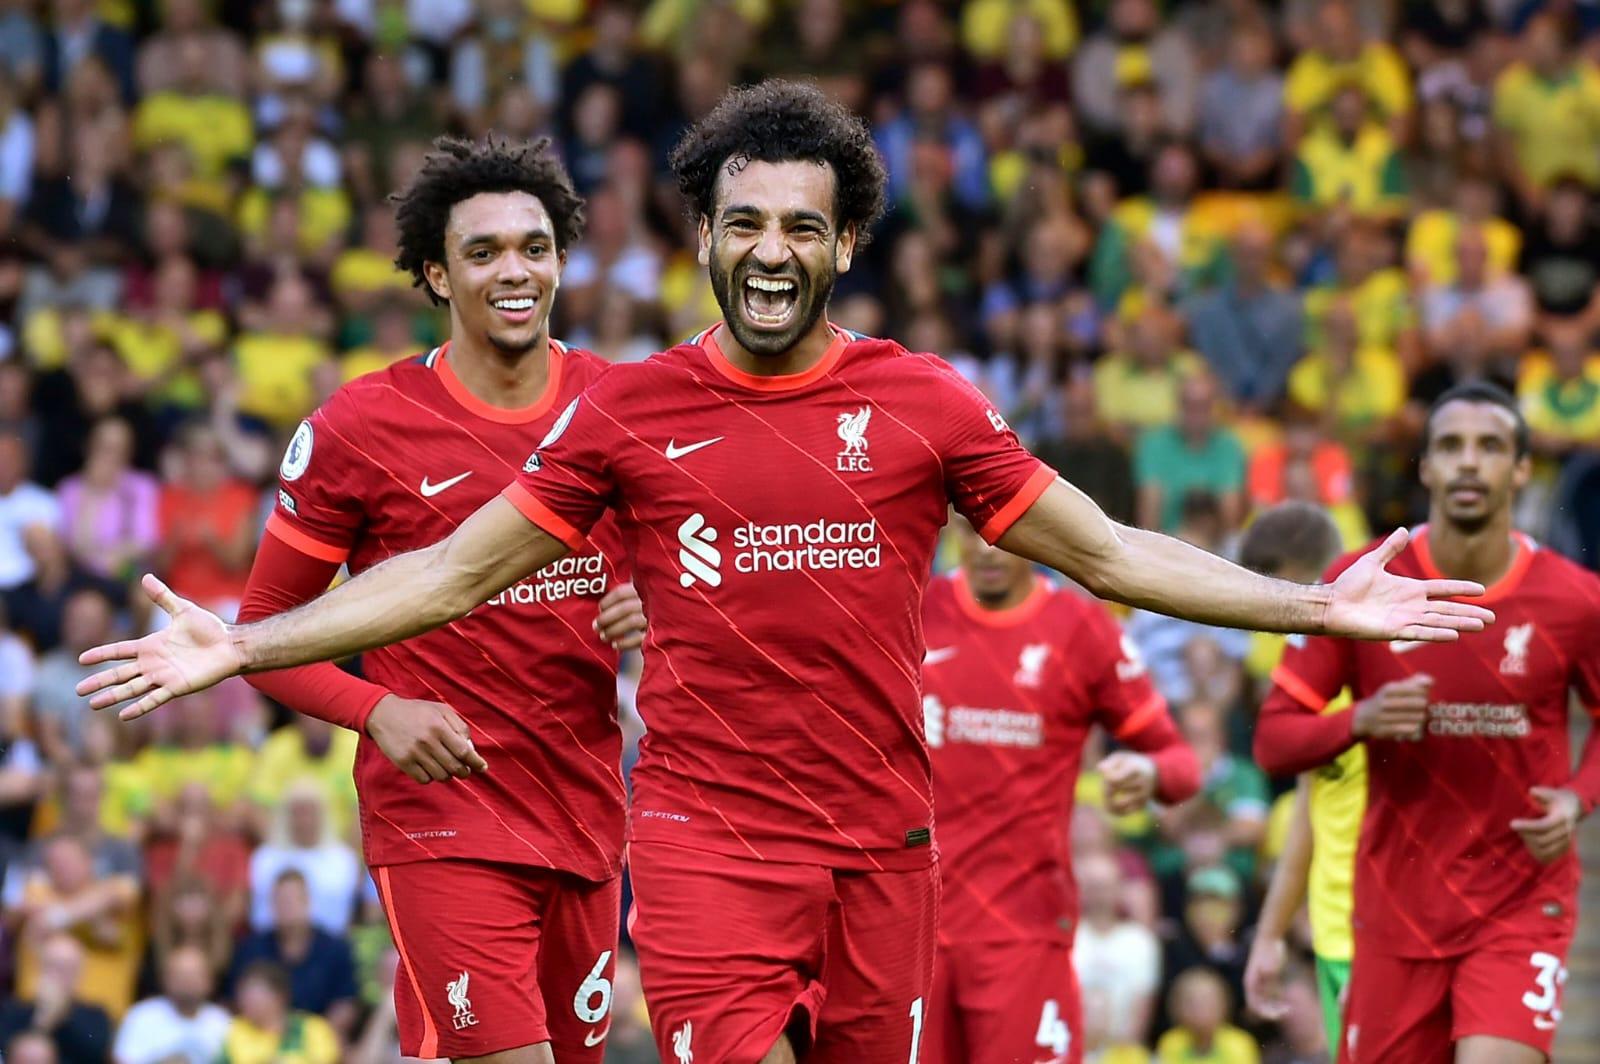 محمد صلاح يقود تشكيل ليفربول أمام برينتفورد في الدوري الإنجليزي